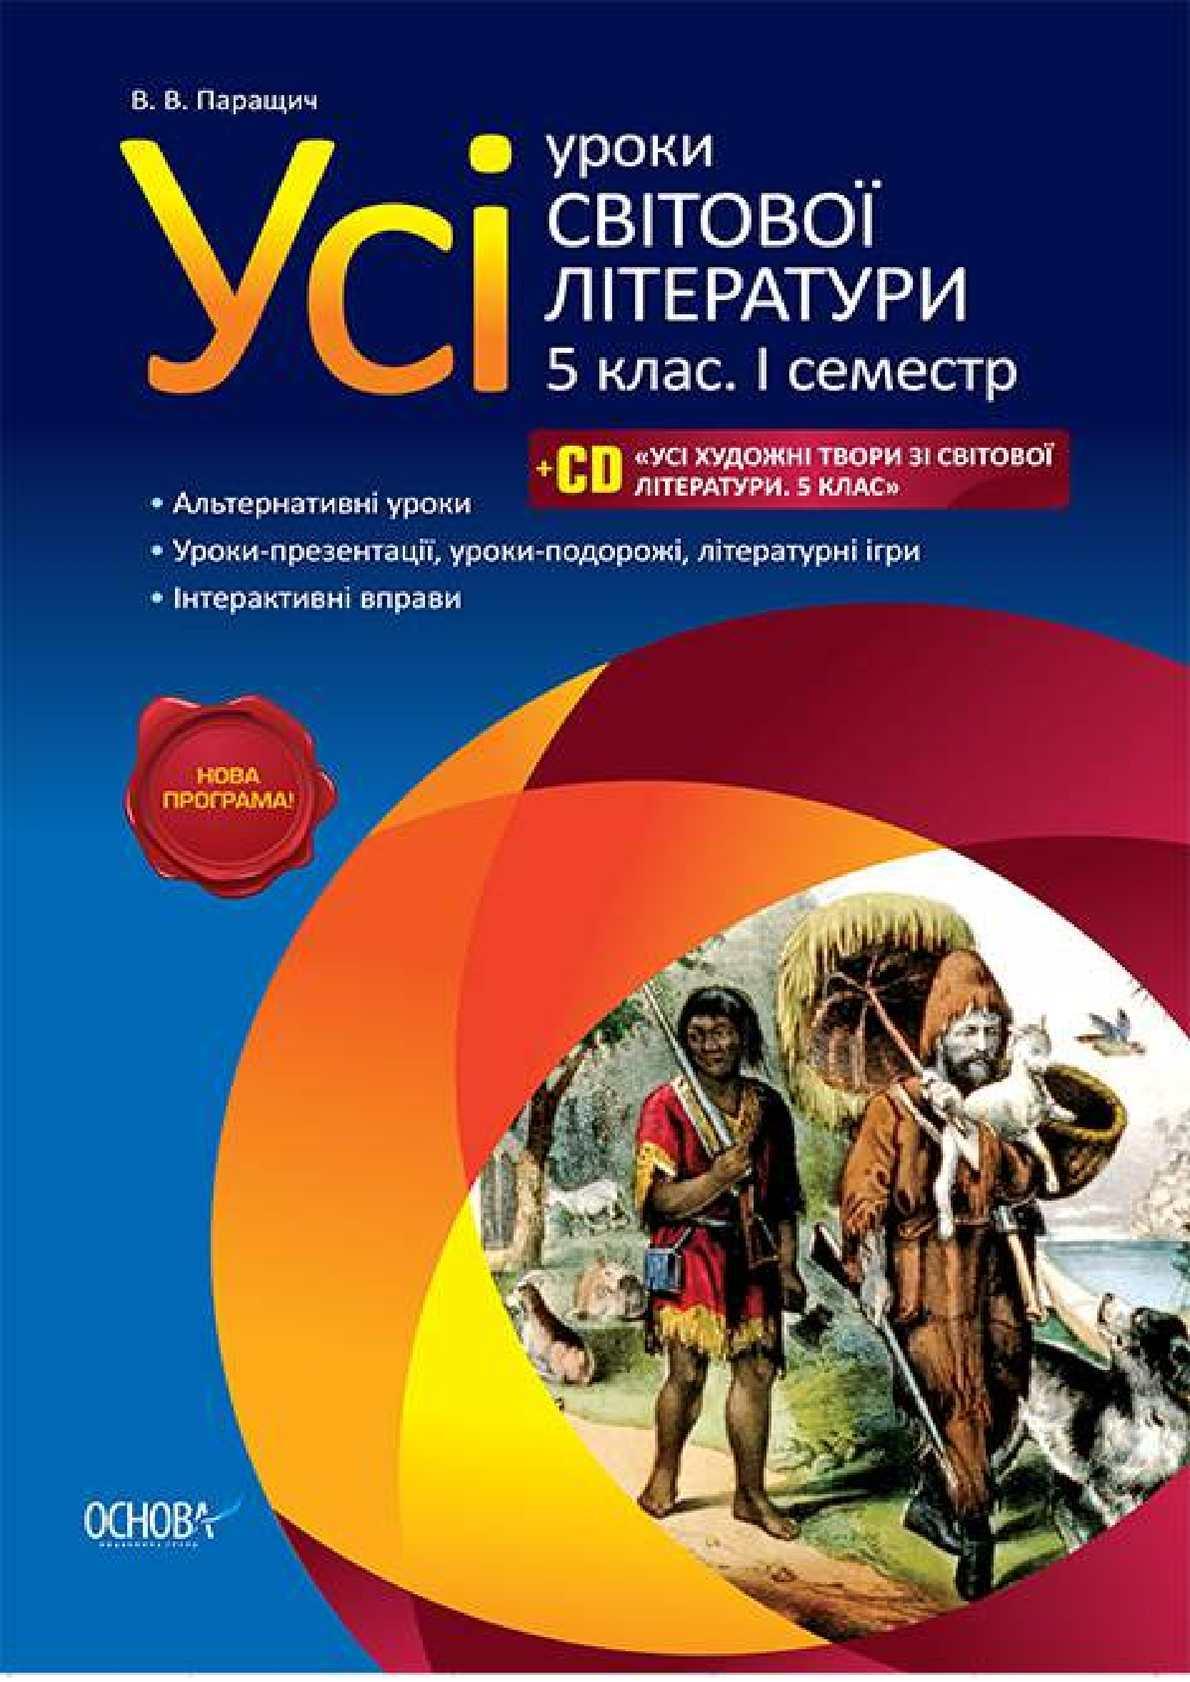 Calaméo - 53 Usi Uroki Svitovoi Literaturi 5 Klas 1 Sem c597575bef83c